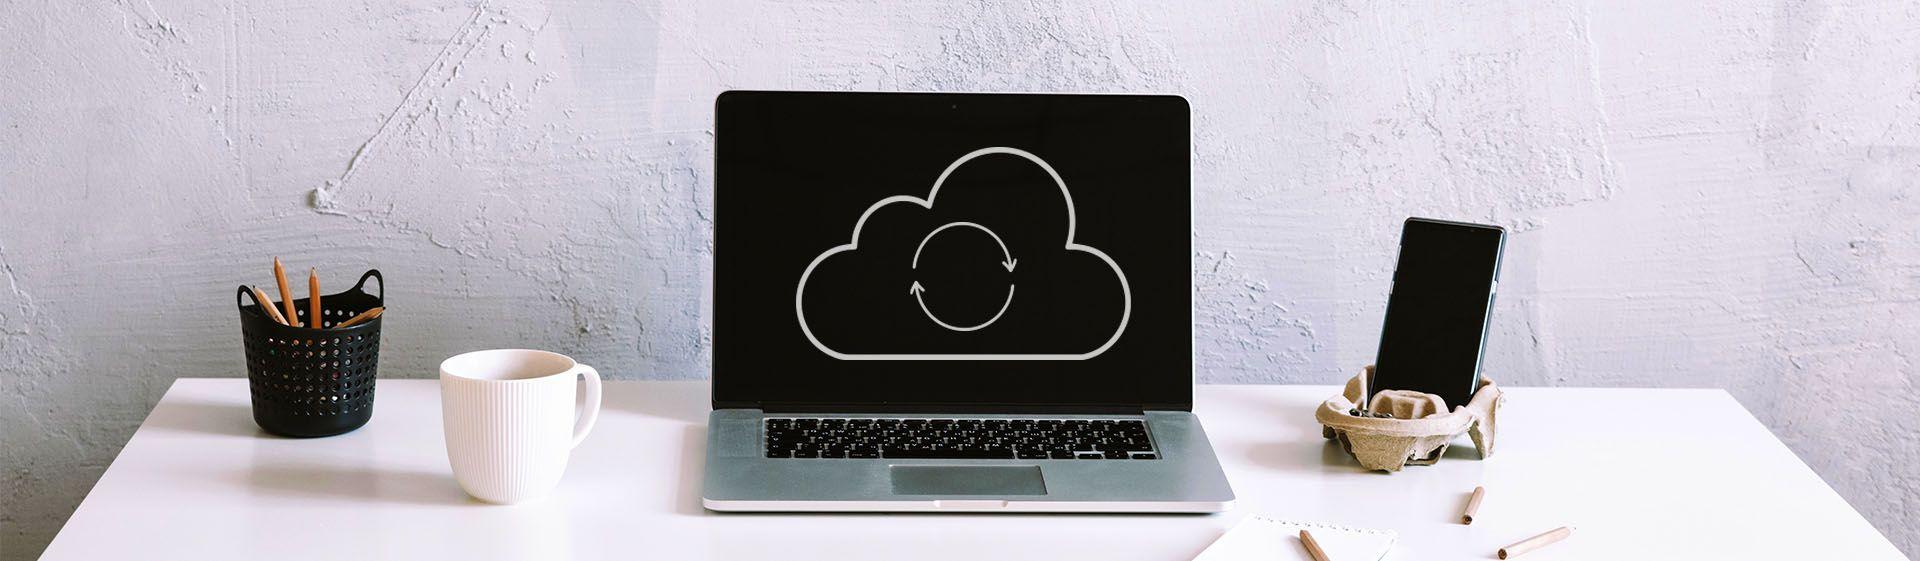 Como fazer backup dos arquivos no notebook ou PC?